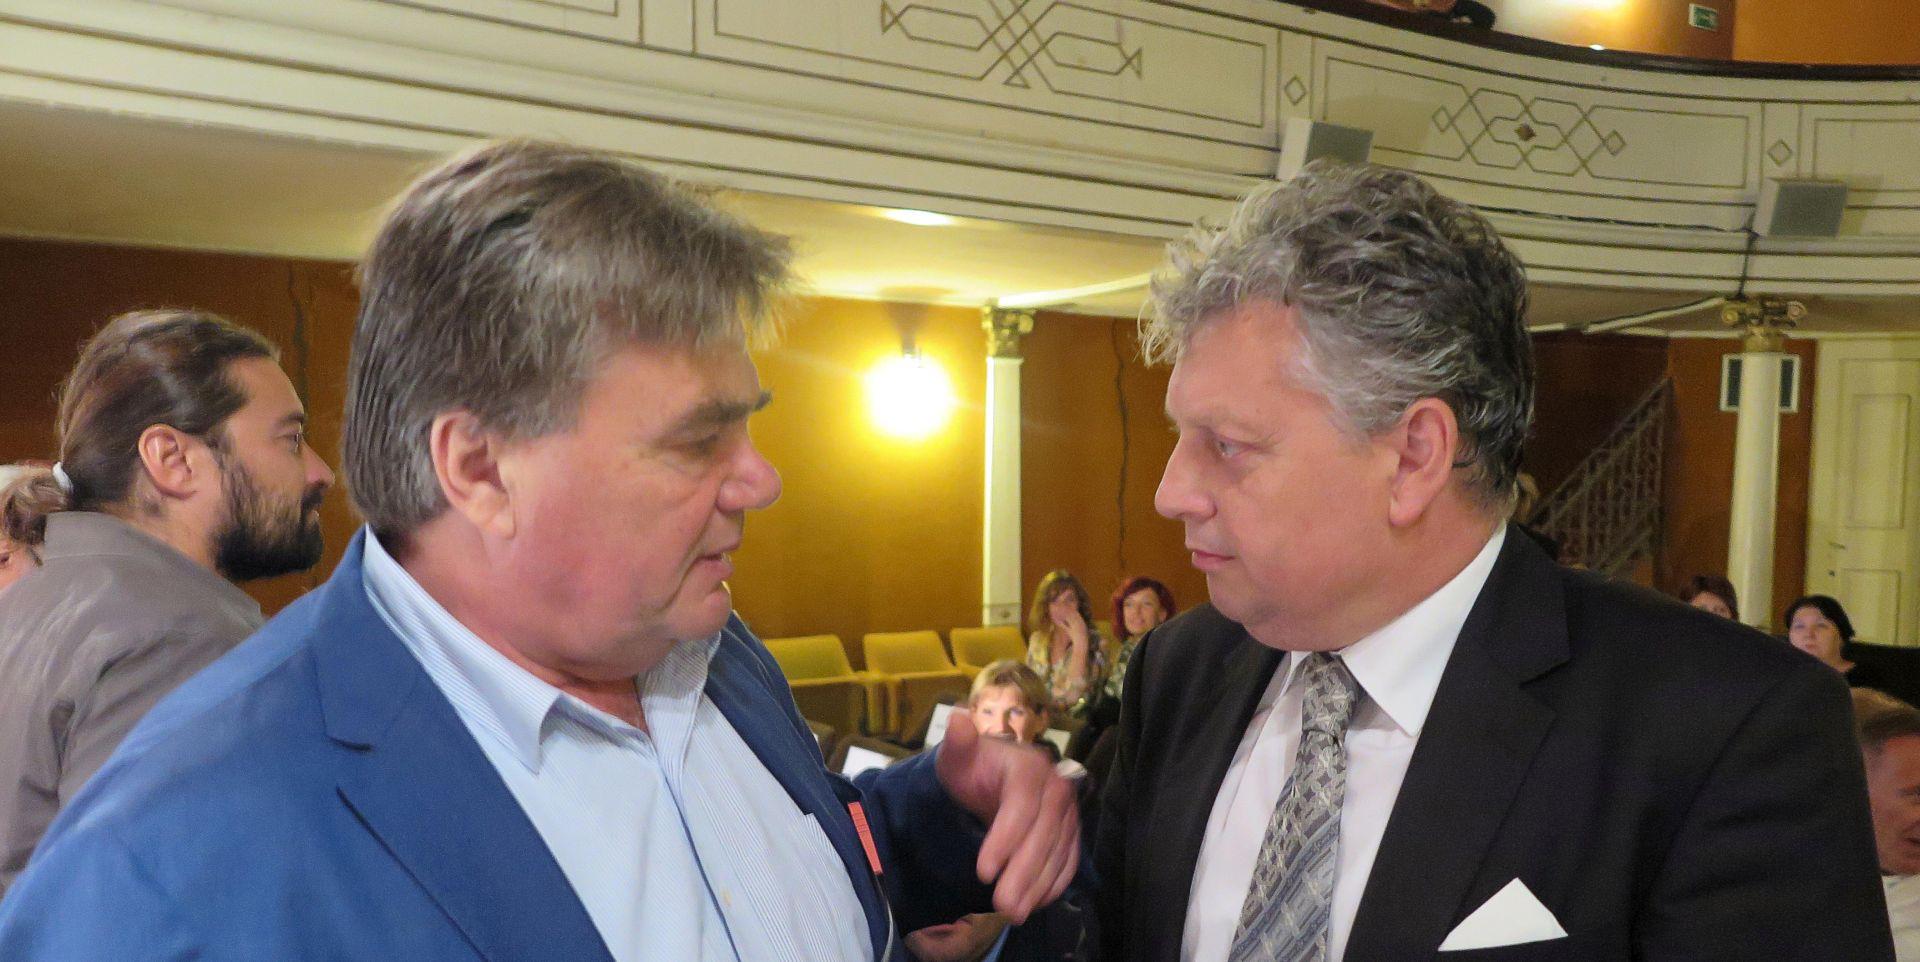 Šipušu počinje suđenje za plaćanje privatnih troškova novcem Ministarstva kulture